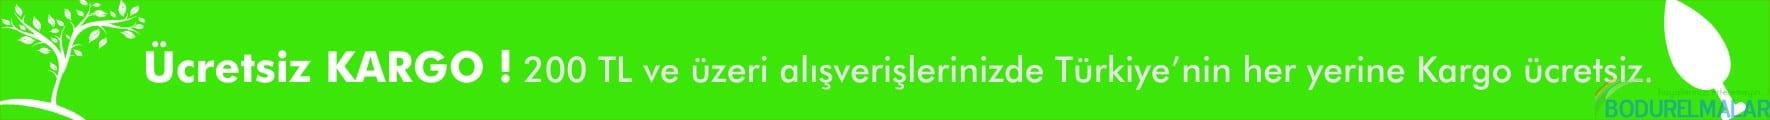 1770x120 ücretsiz kargo banner - Anasayfa -